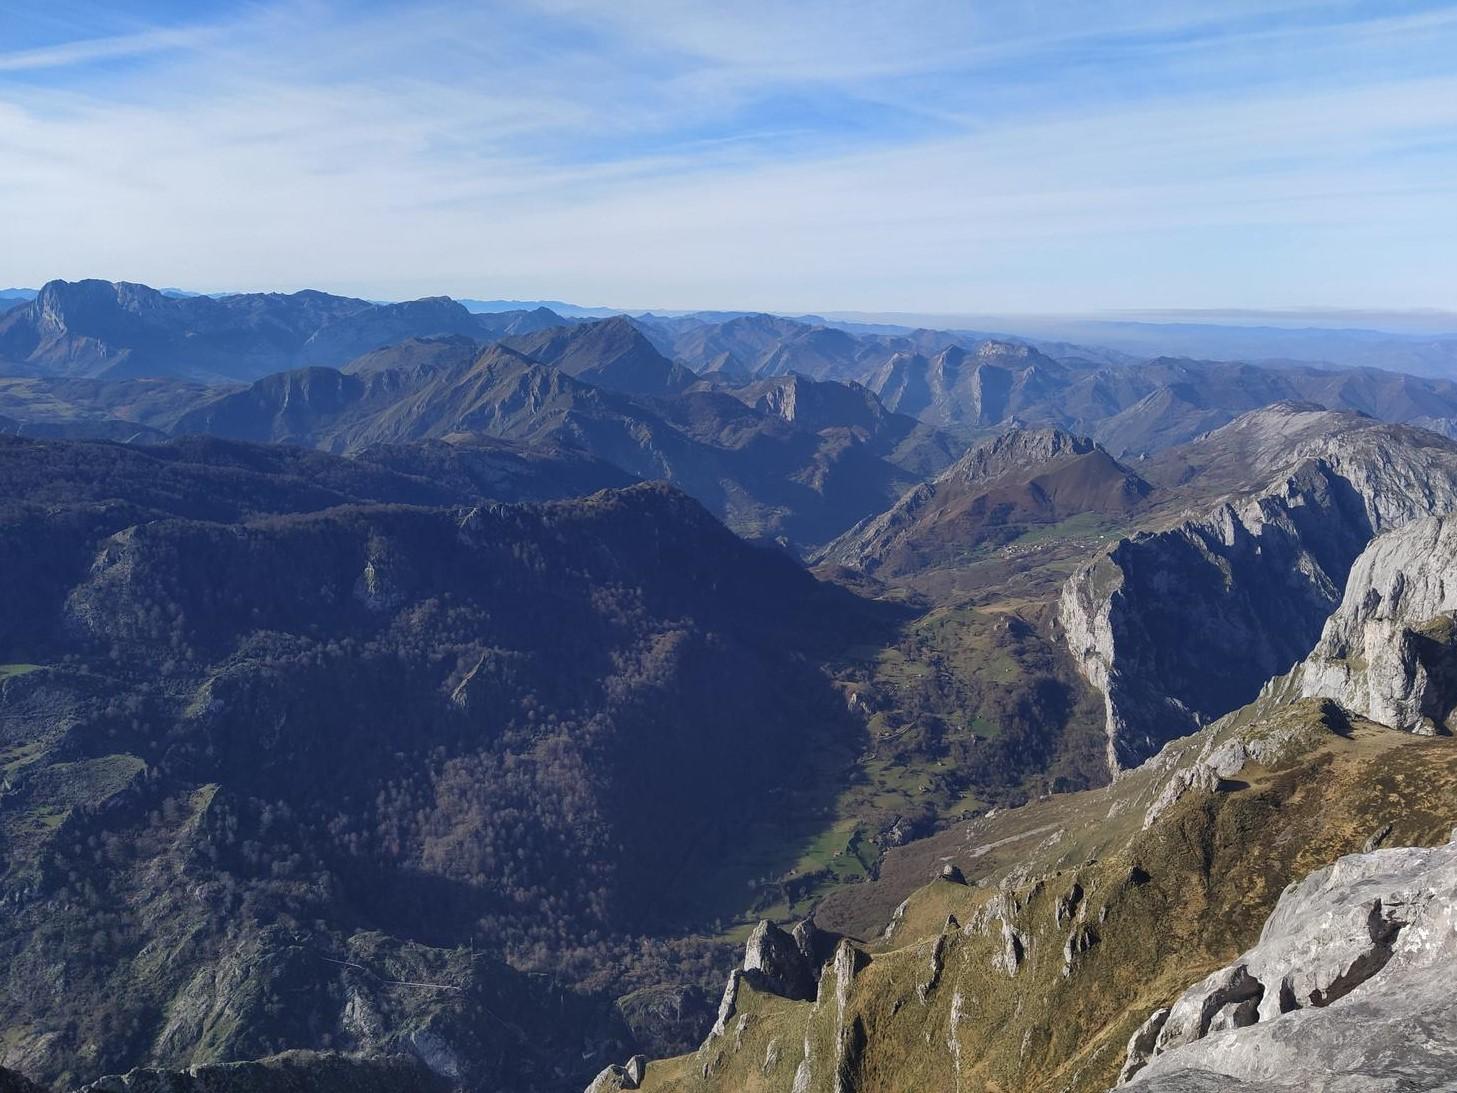 Vista desde el Mirador de Ordiales